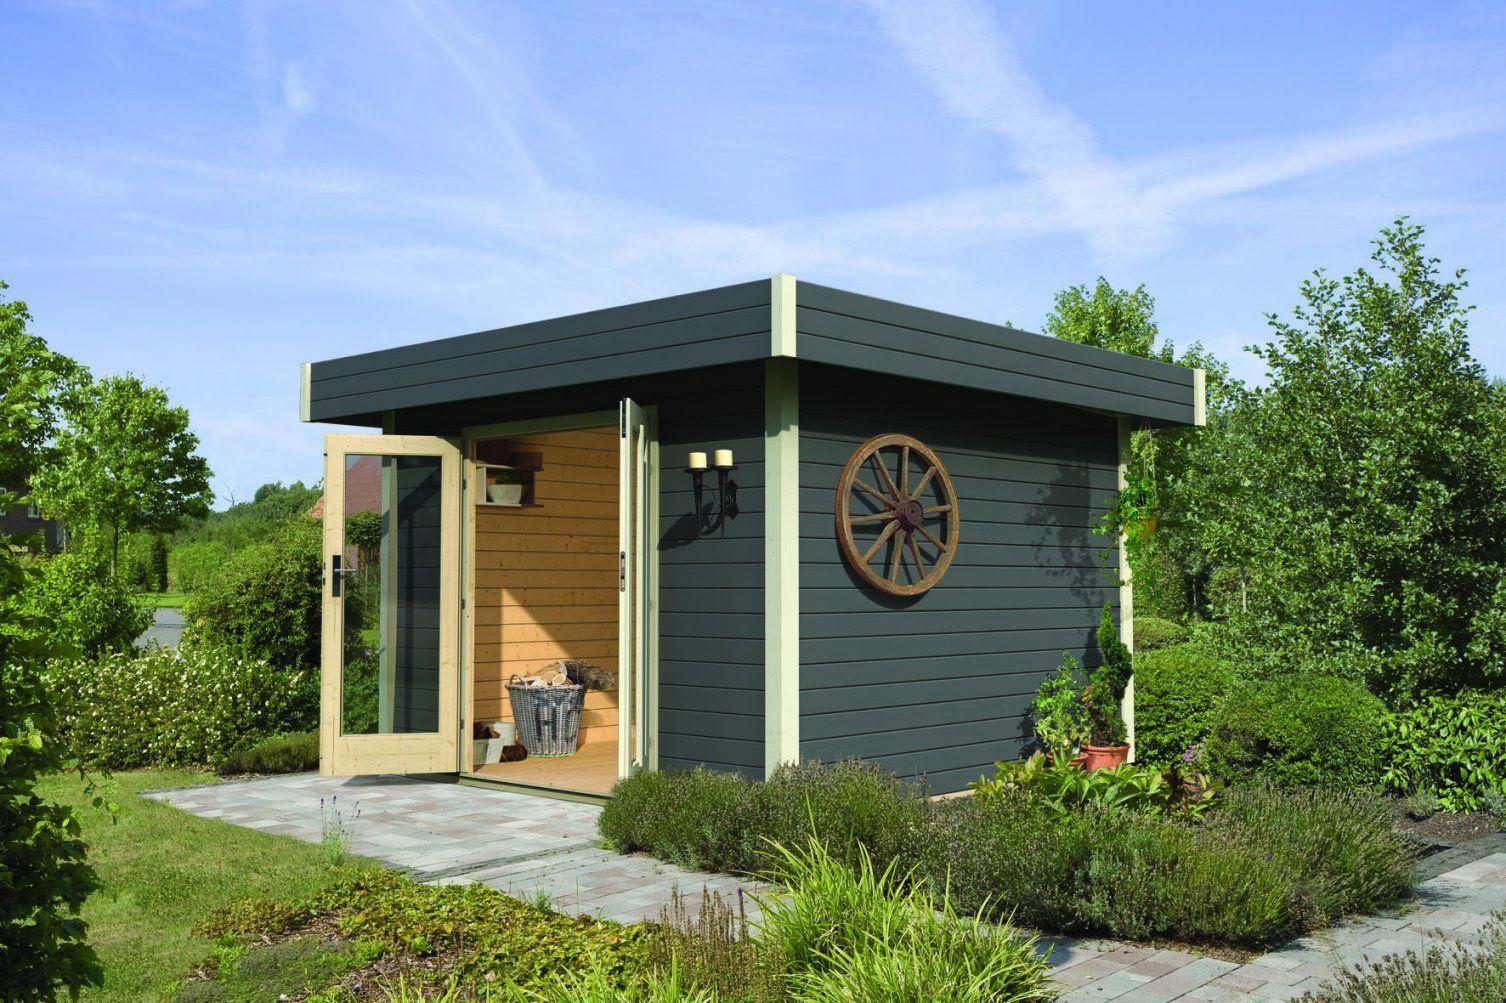 Gartenhaus Selber Bauen von Gartenhaus Selber Bauen Video Bild